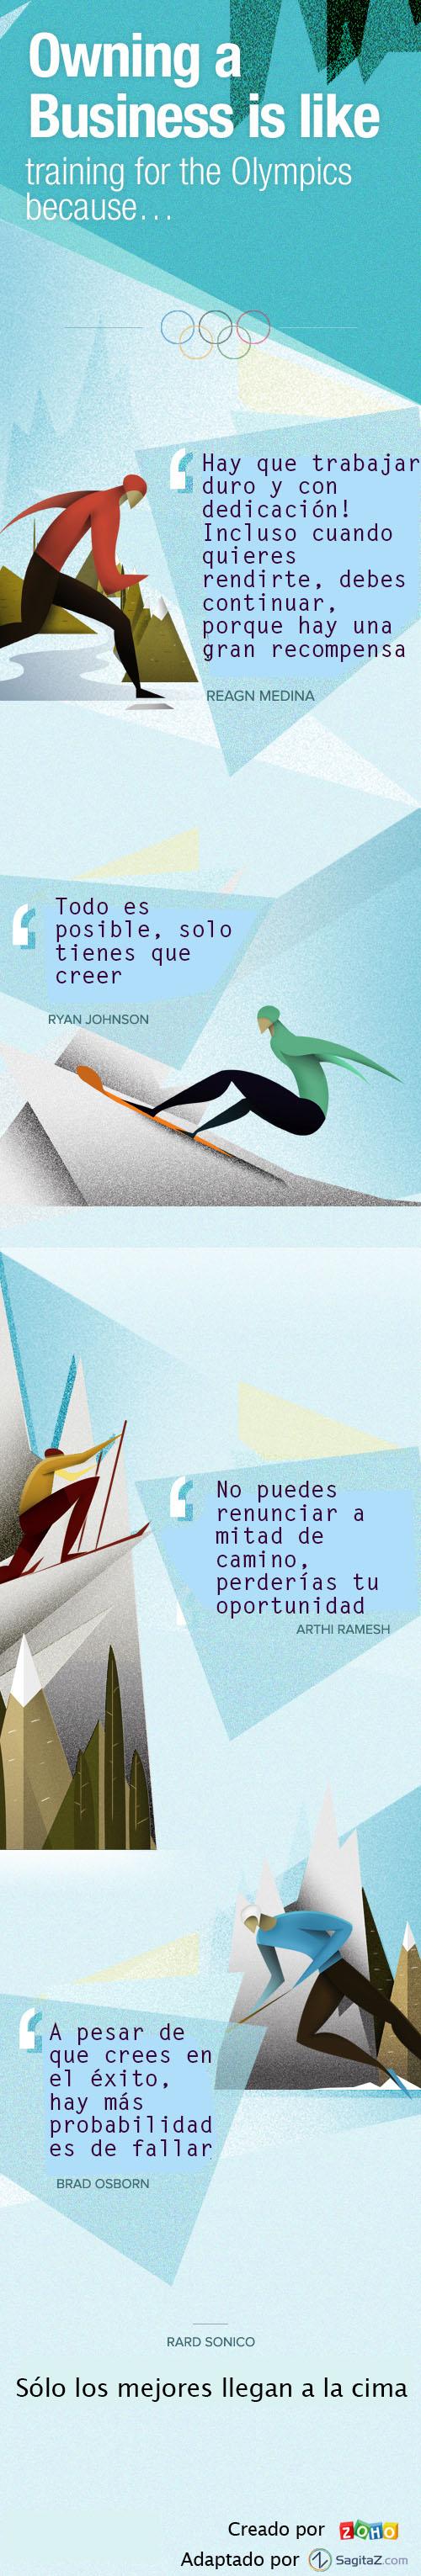 infografico-zoho-atletas-pymes-sagitaz.com